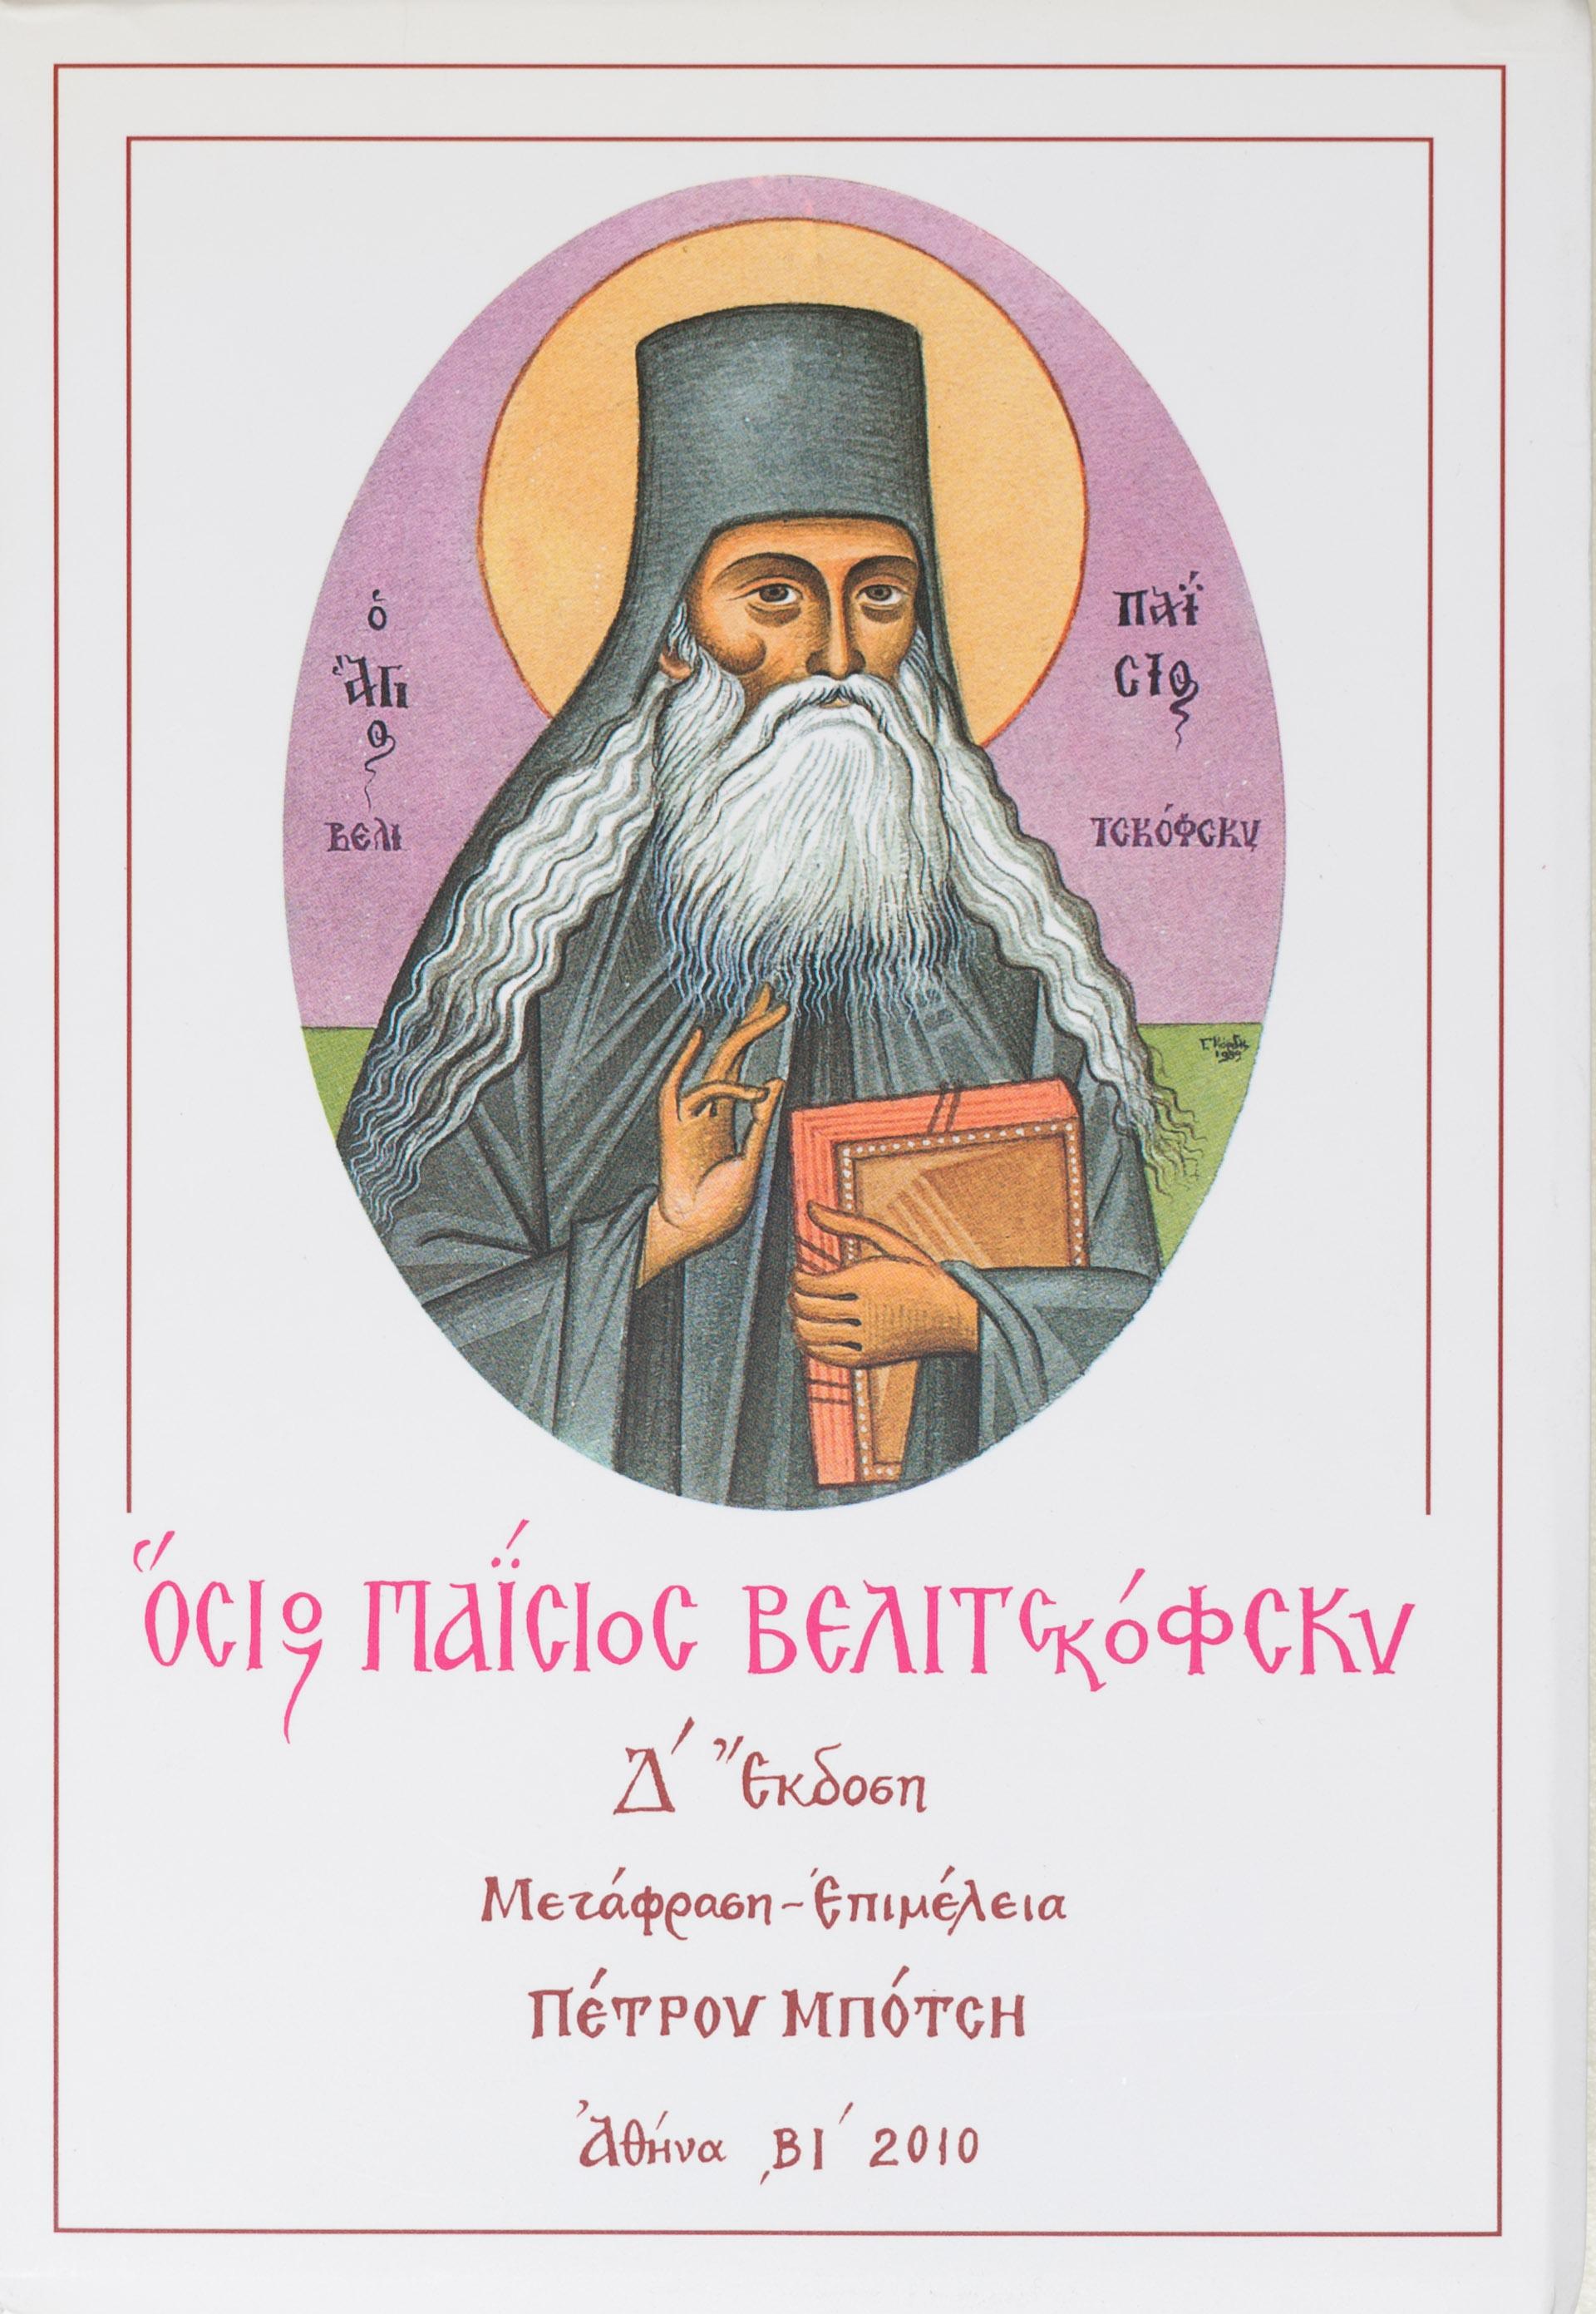 Οσίος Παϊσιος Βελιτσκóφσκυ – St Paisius Velichkovsky